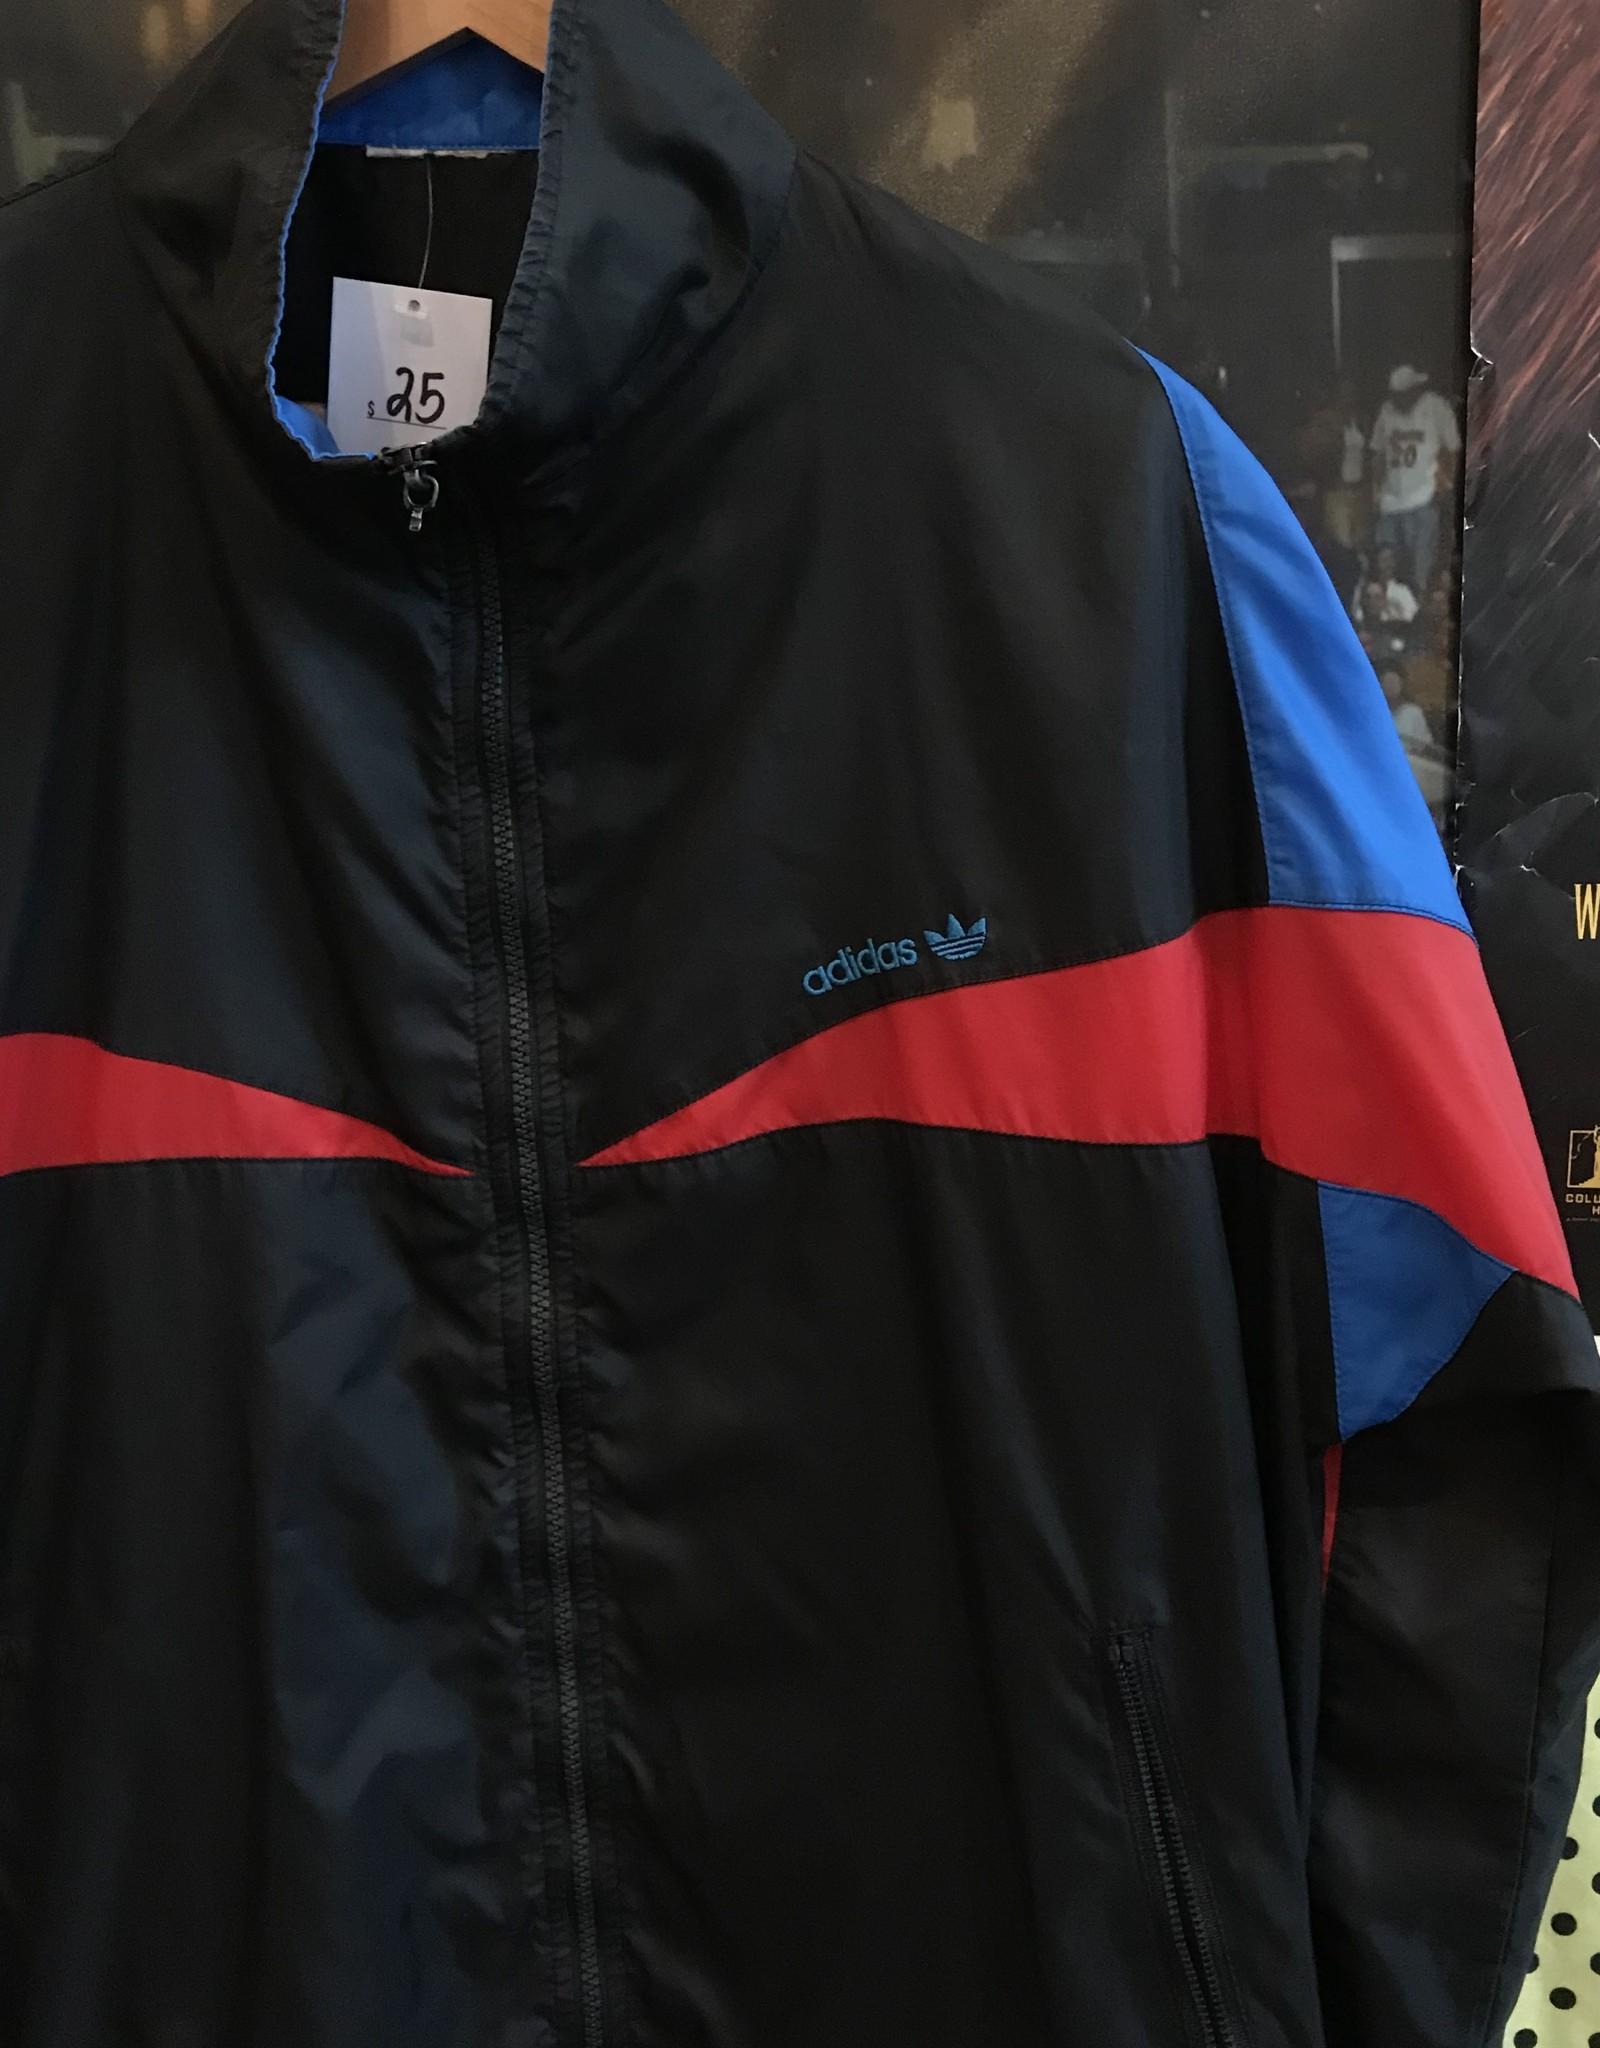 3482adidas windbreaker black/red/blue sz L/XL